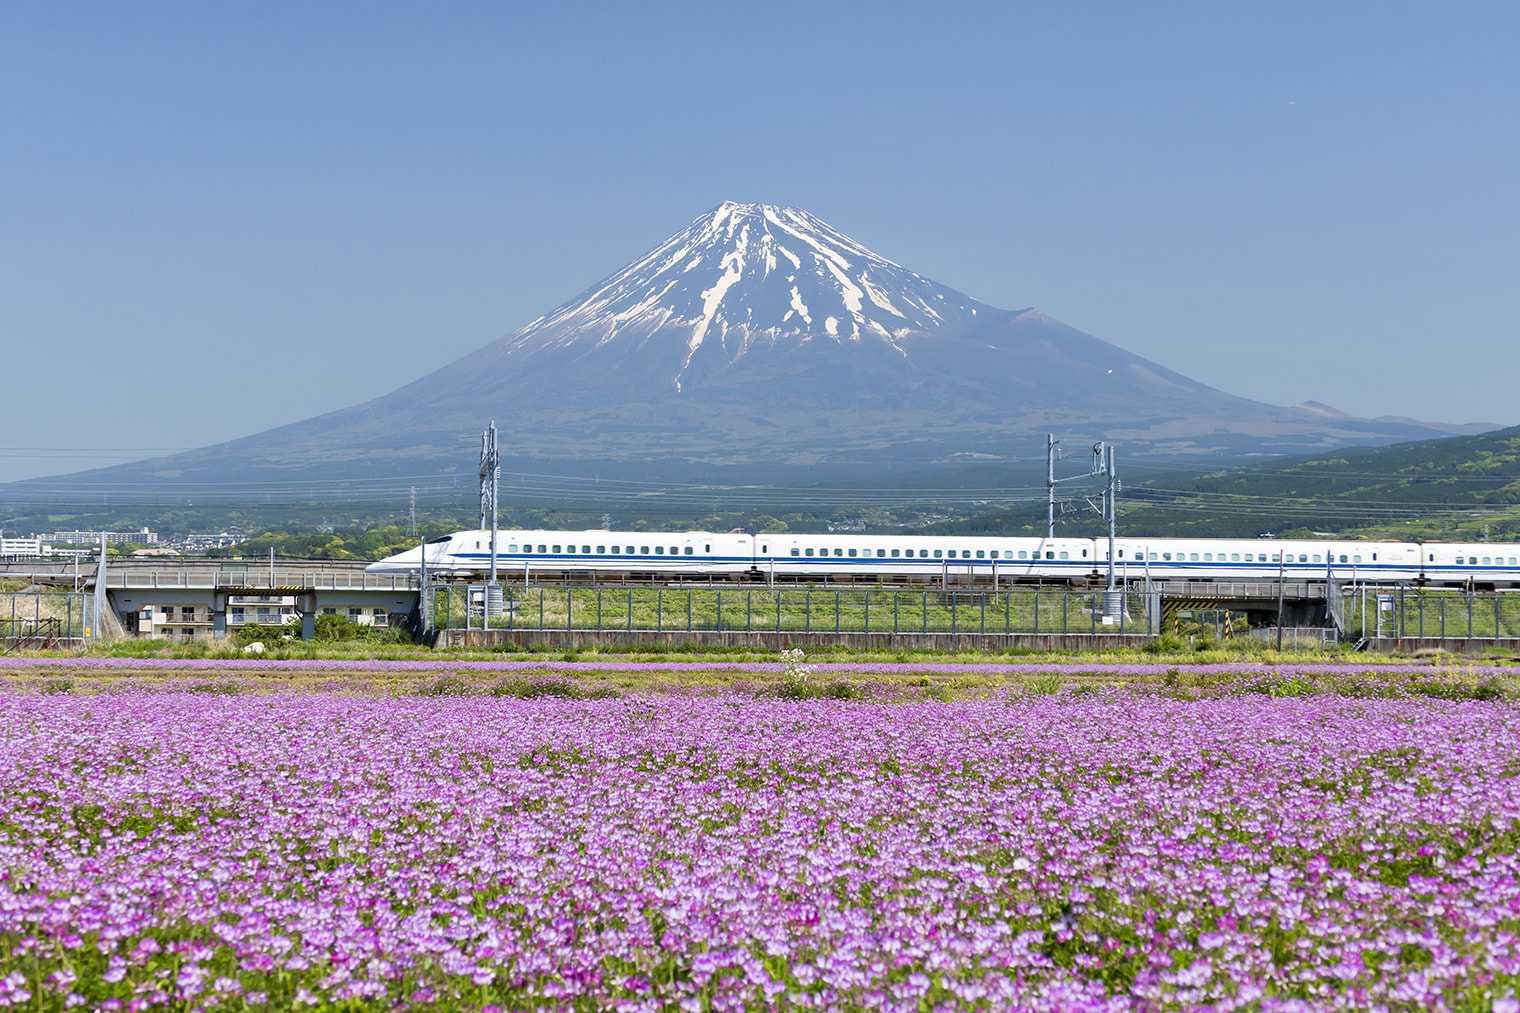 便利な新幹線に宿泊がついてお得!「新幹線パック」の選び方